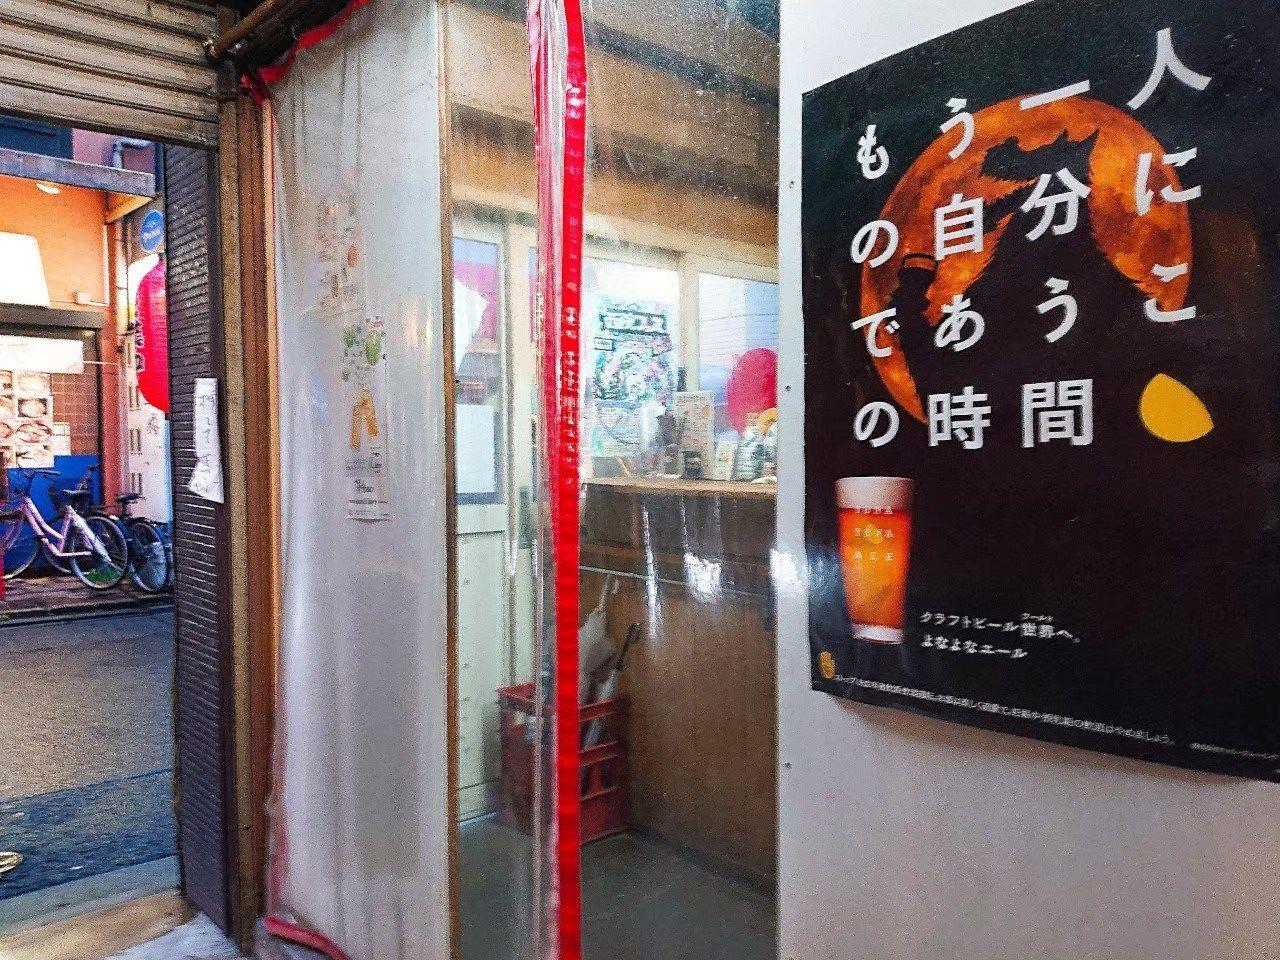 『樫尾酒店 本店』京都-西院の折鶴会館で飲み歩き!燻製料理が美味しい人気の立ち飲み屋!-